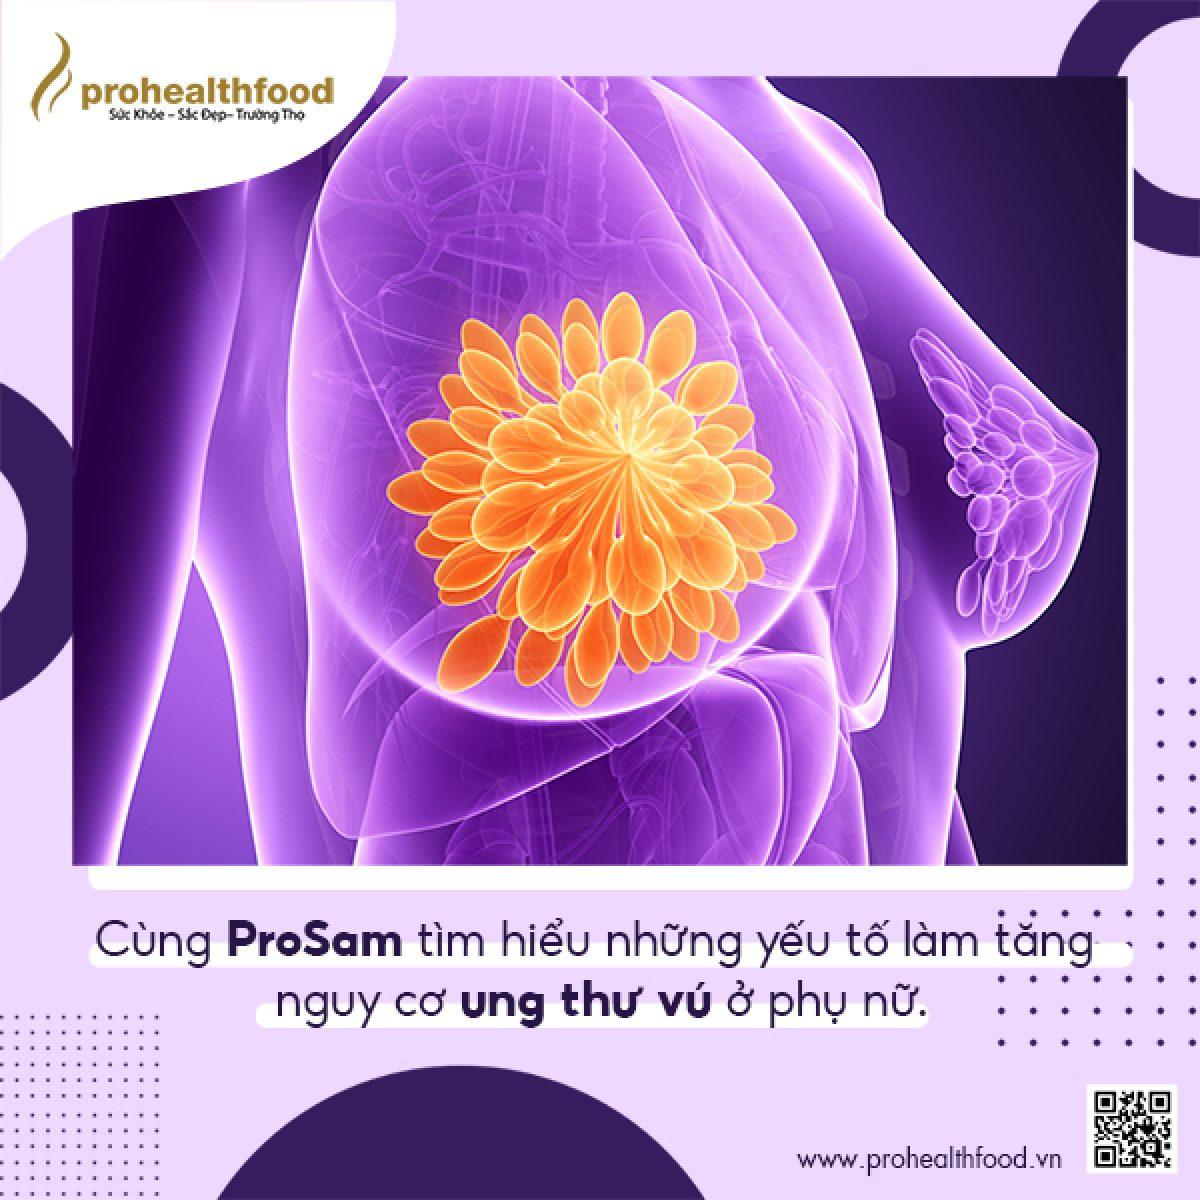 Cùng ProSam tìm hiểu những yếu tố làm tăng nguy cơ ung thư vú ở phụ nữ.